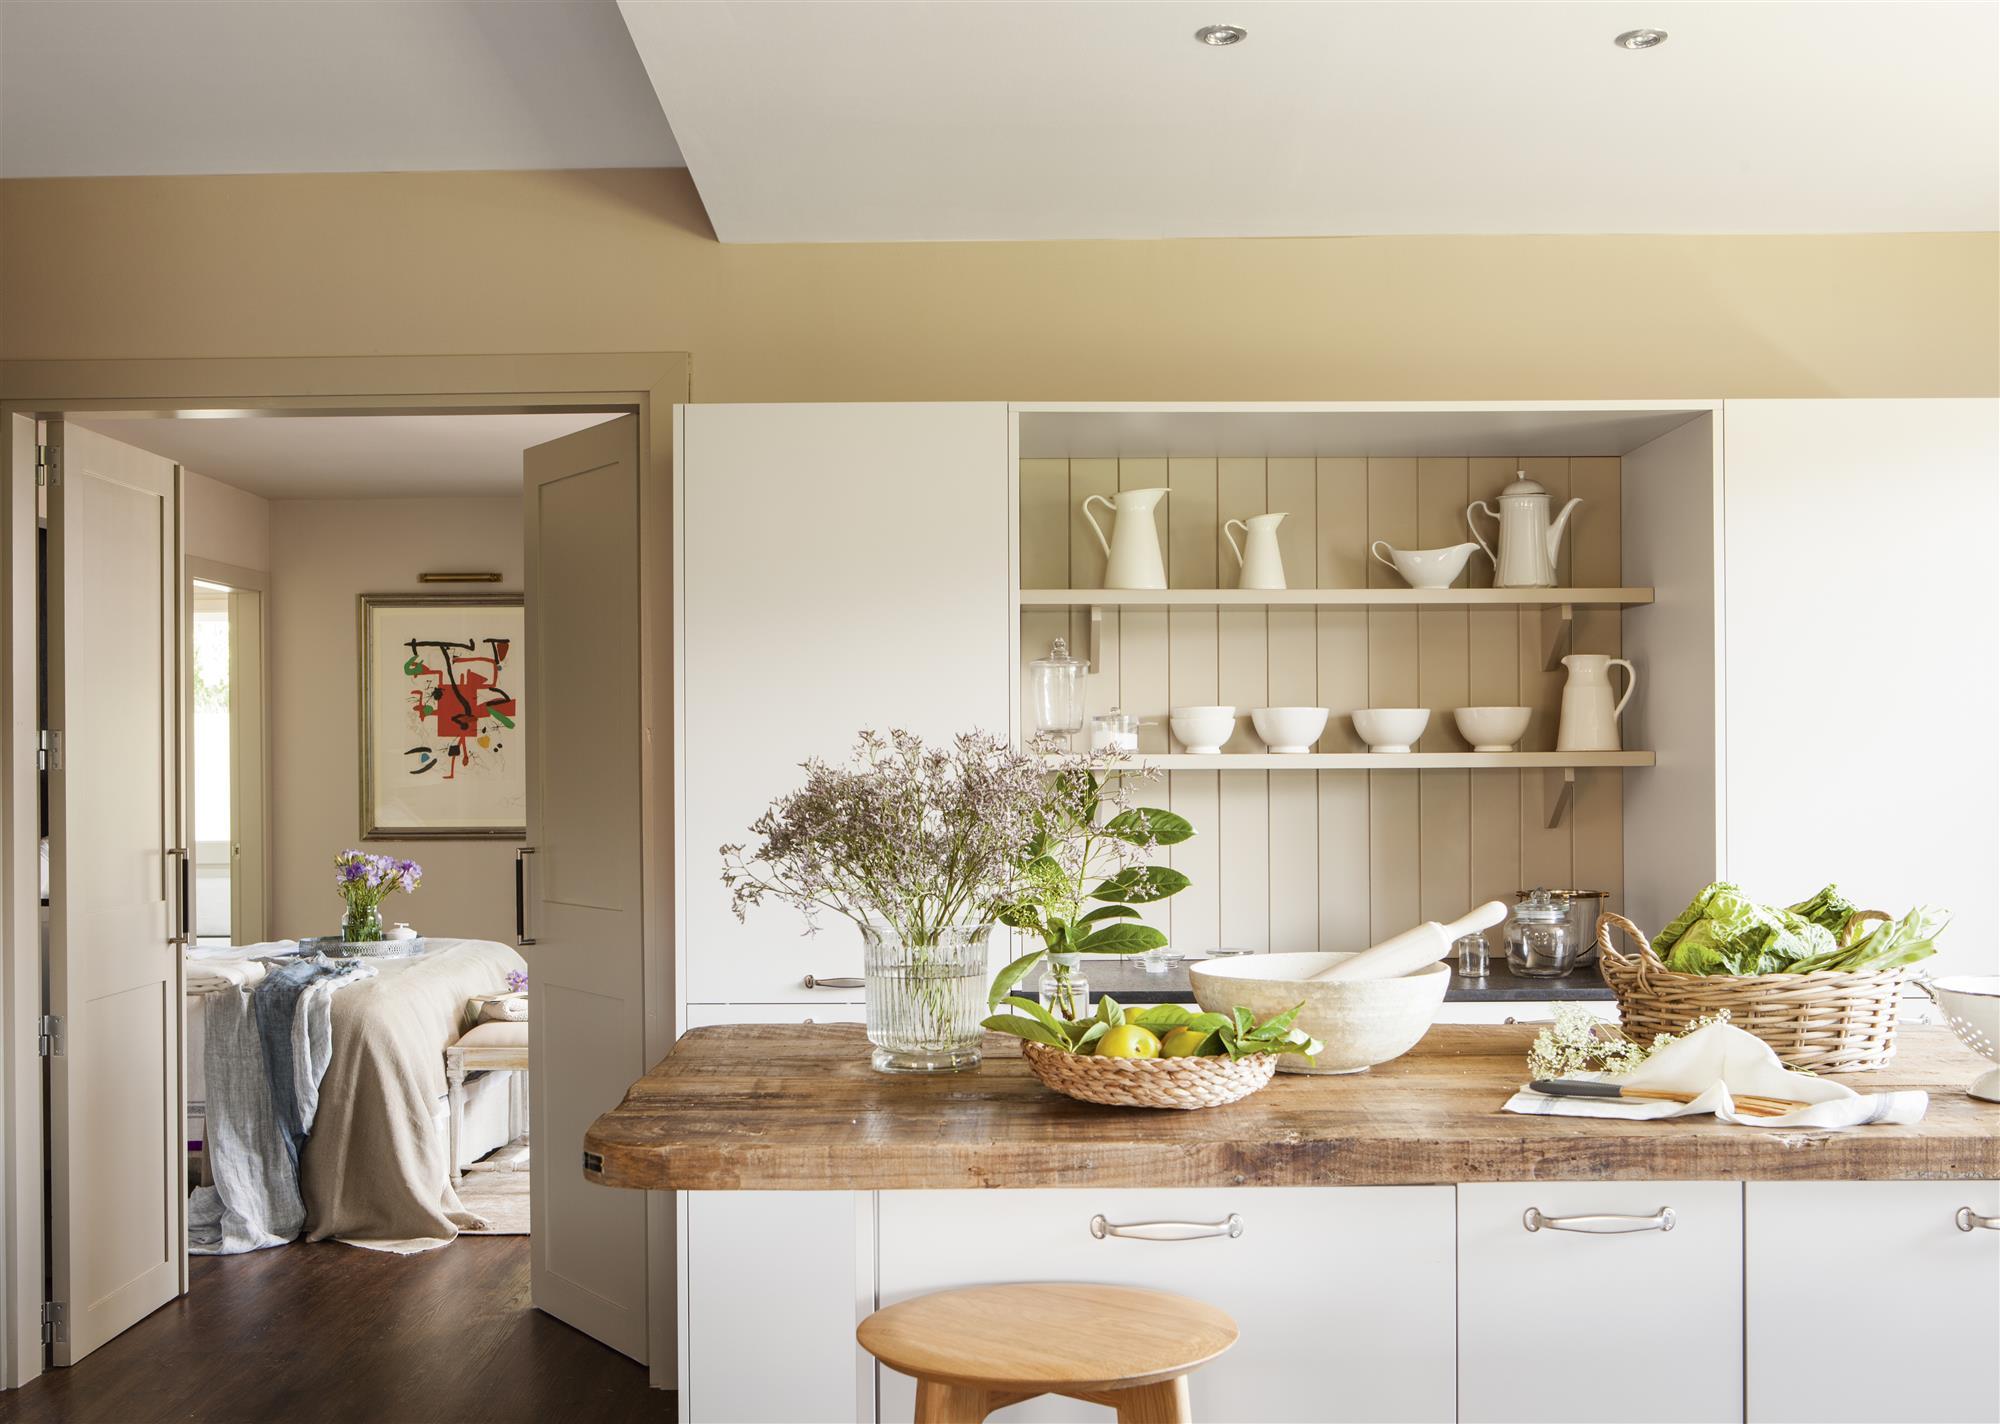 Muebles de cocina elmueble for Cocina estilo nordico